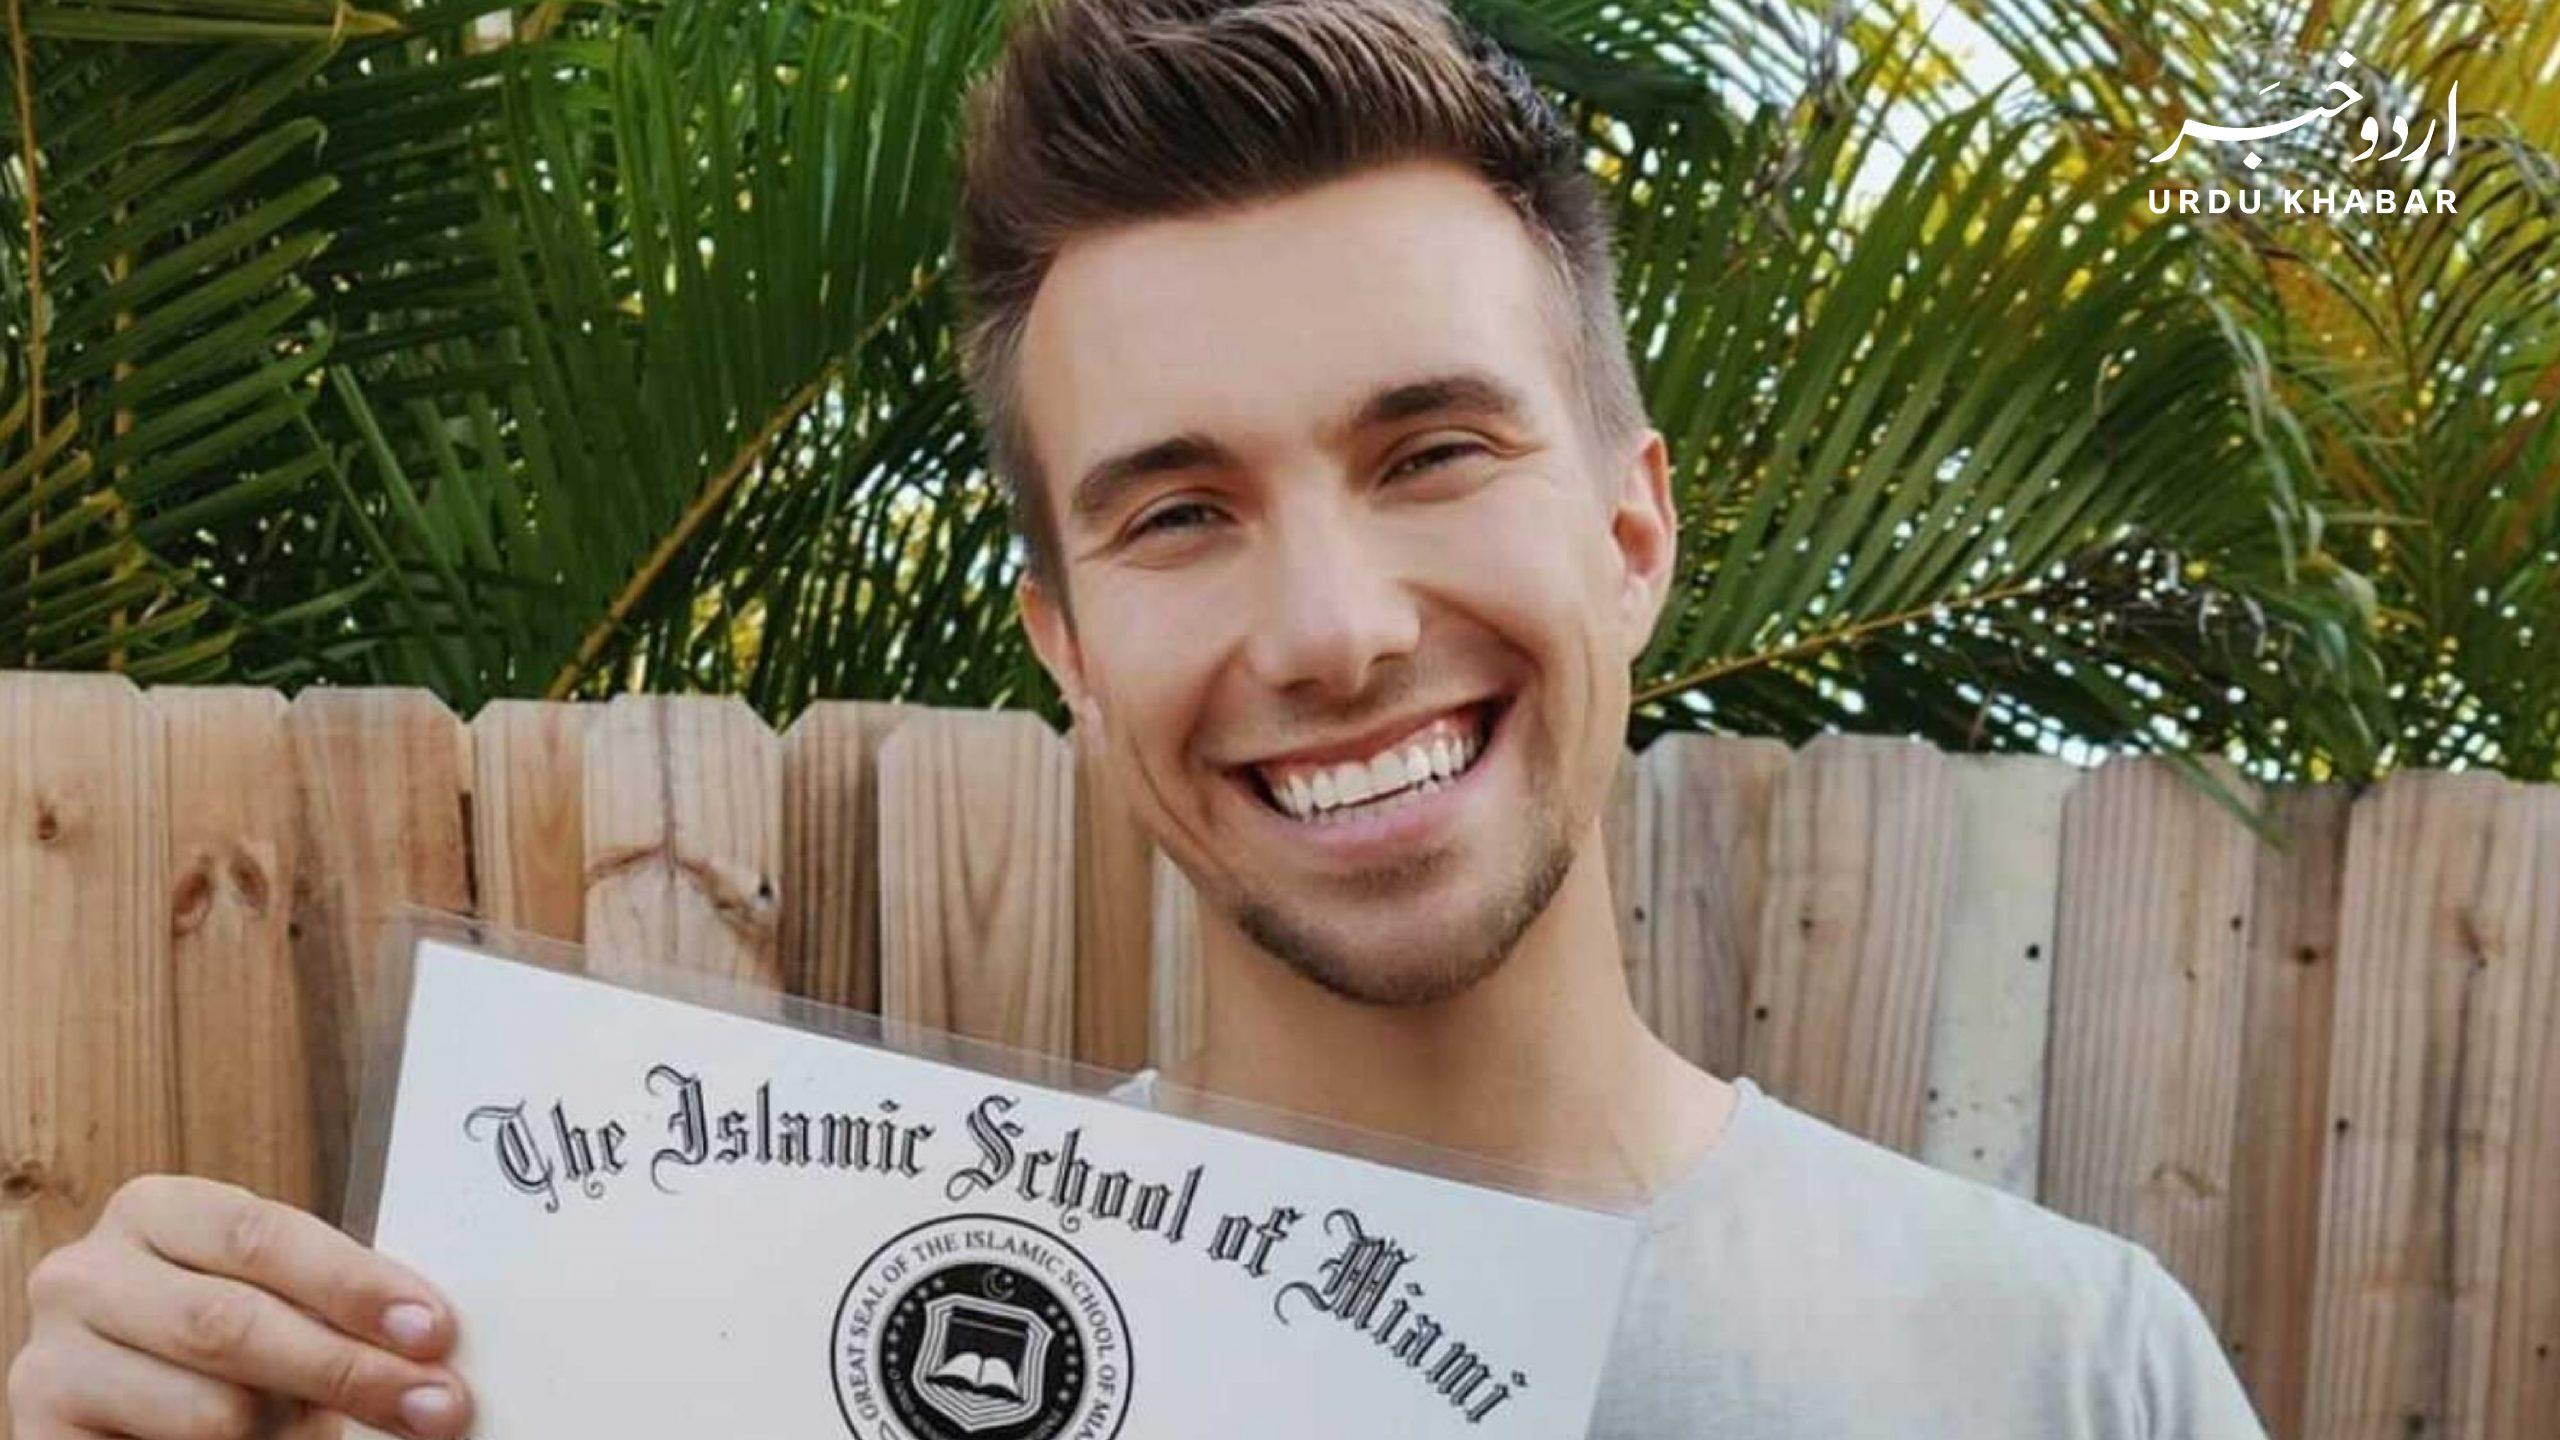 جرمنی کے وی لاگر کرسٹن پیٹسمین نے اسلام قبول کر لیا